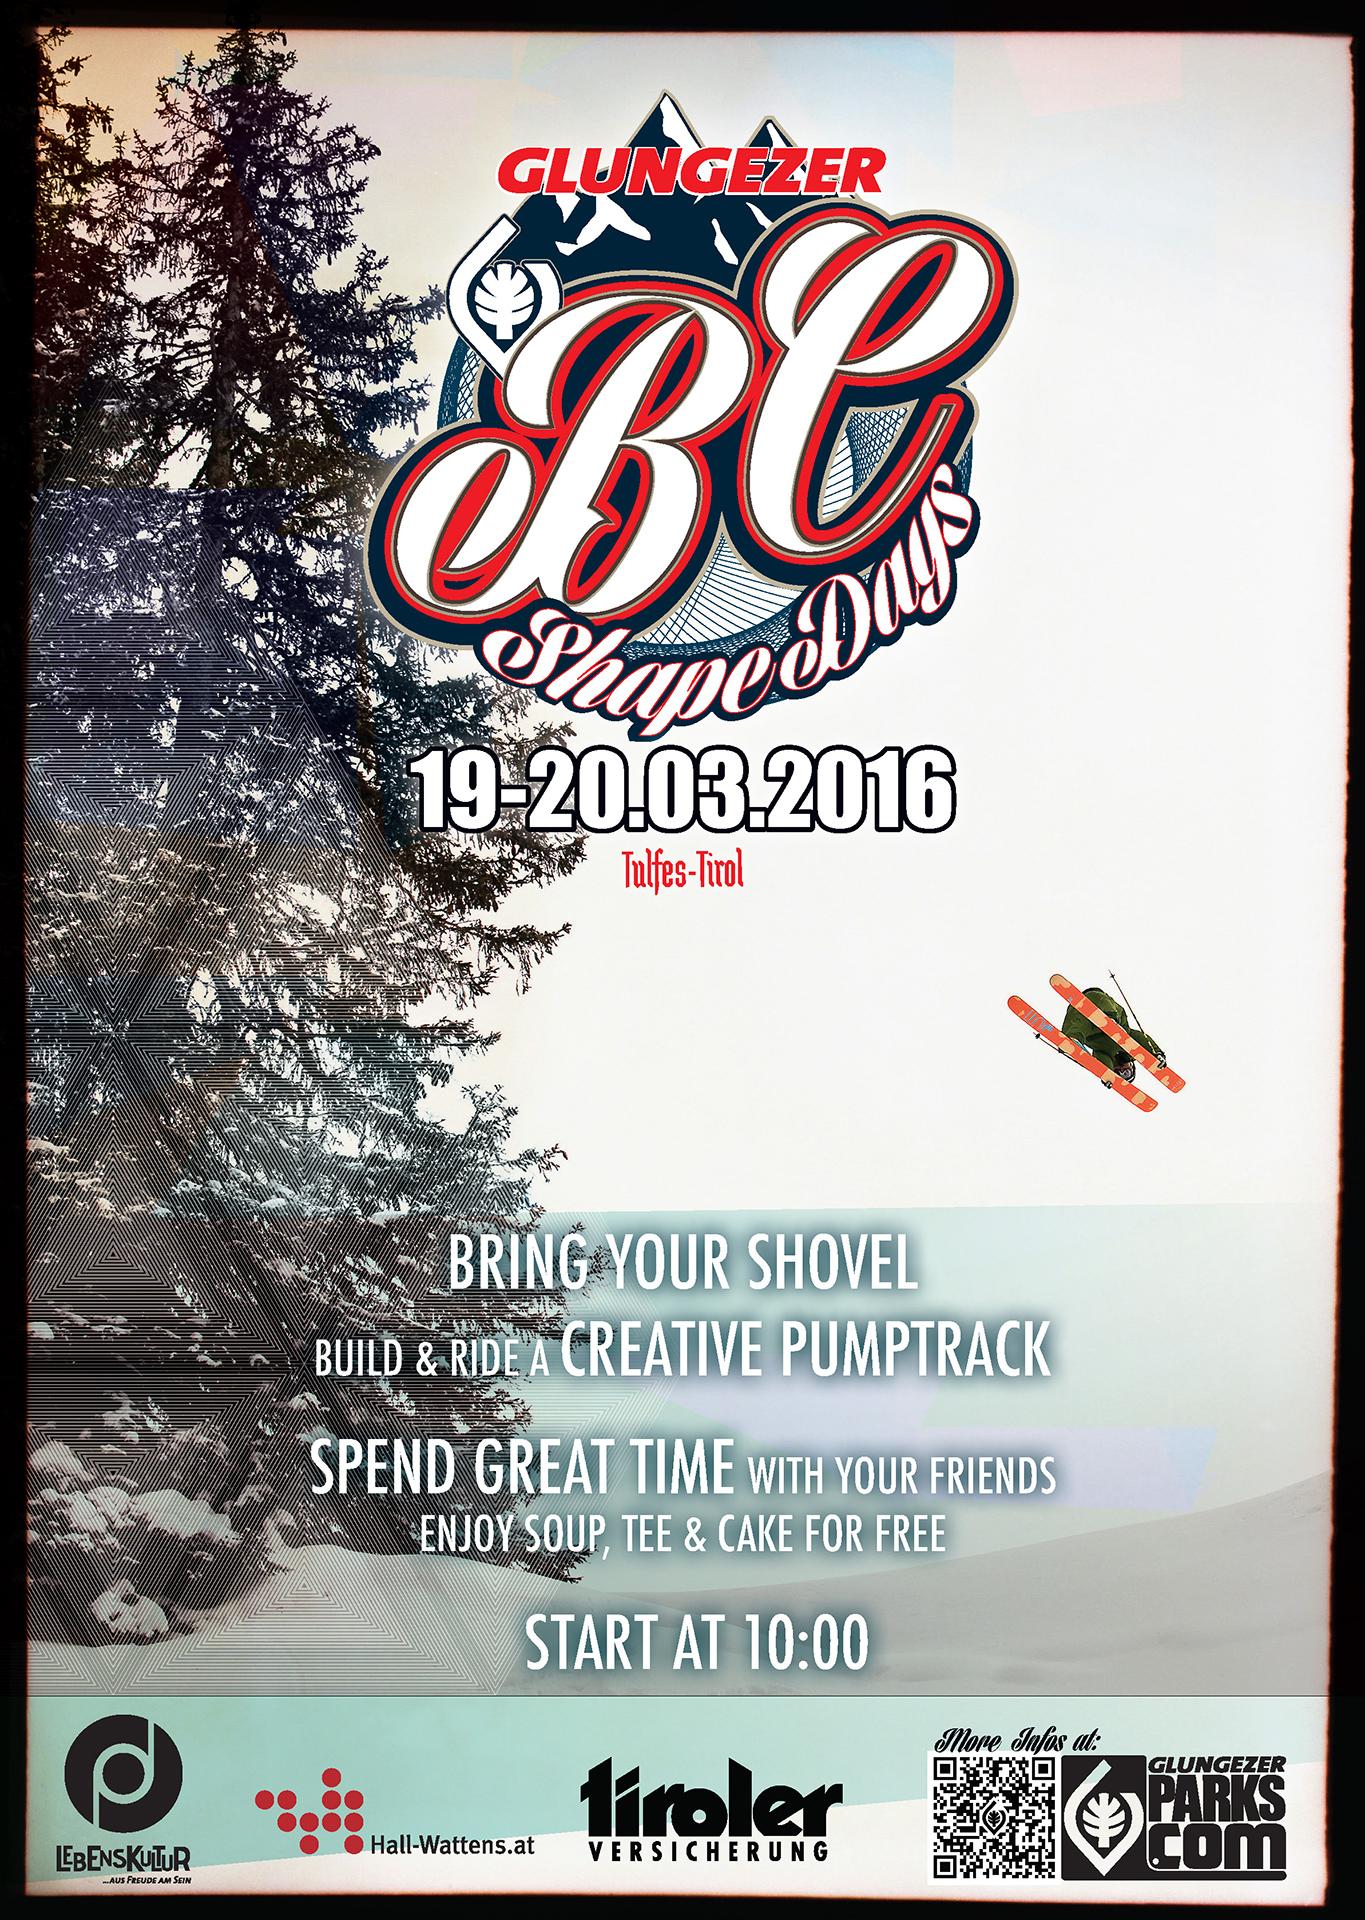 Glungezer BC Shape Days - Flyer